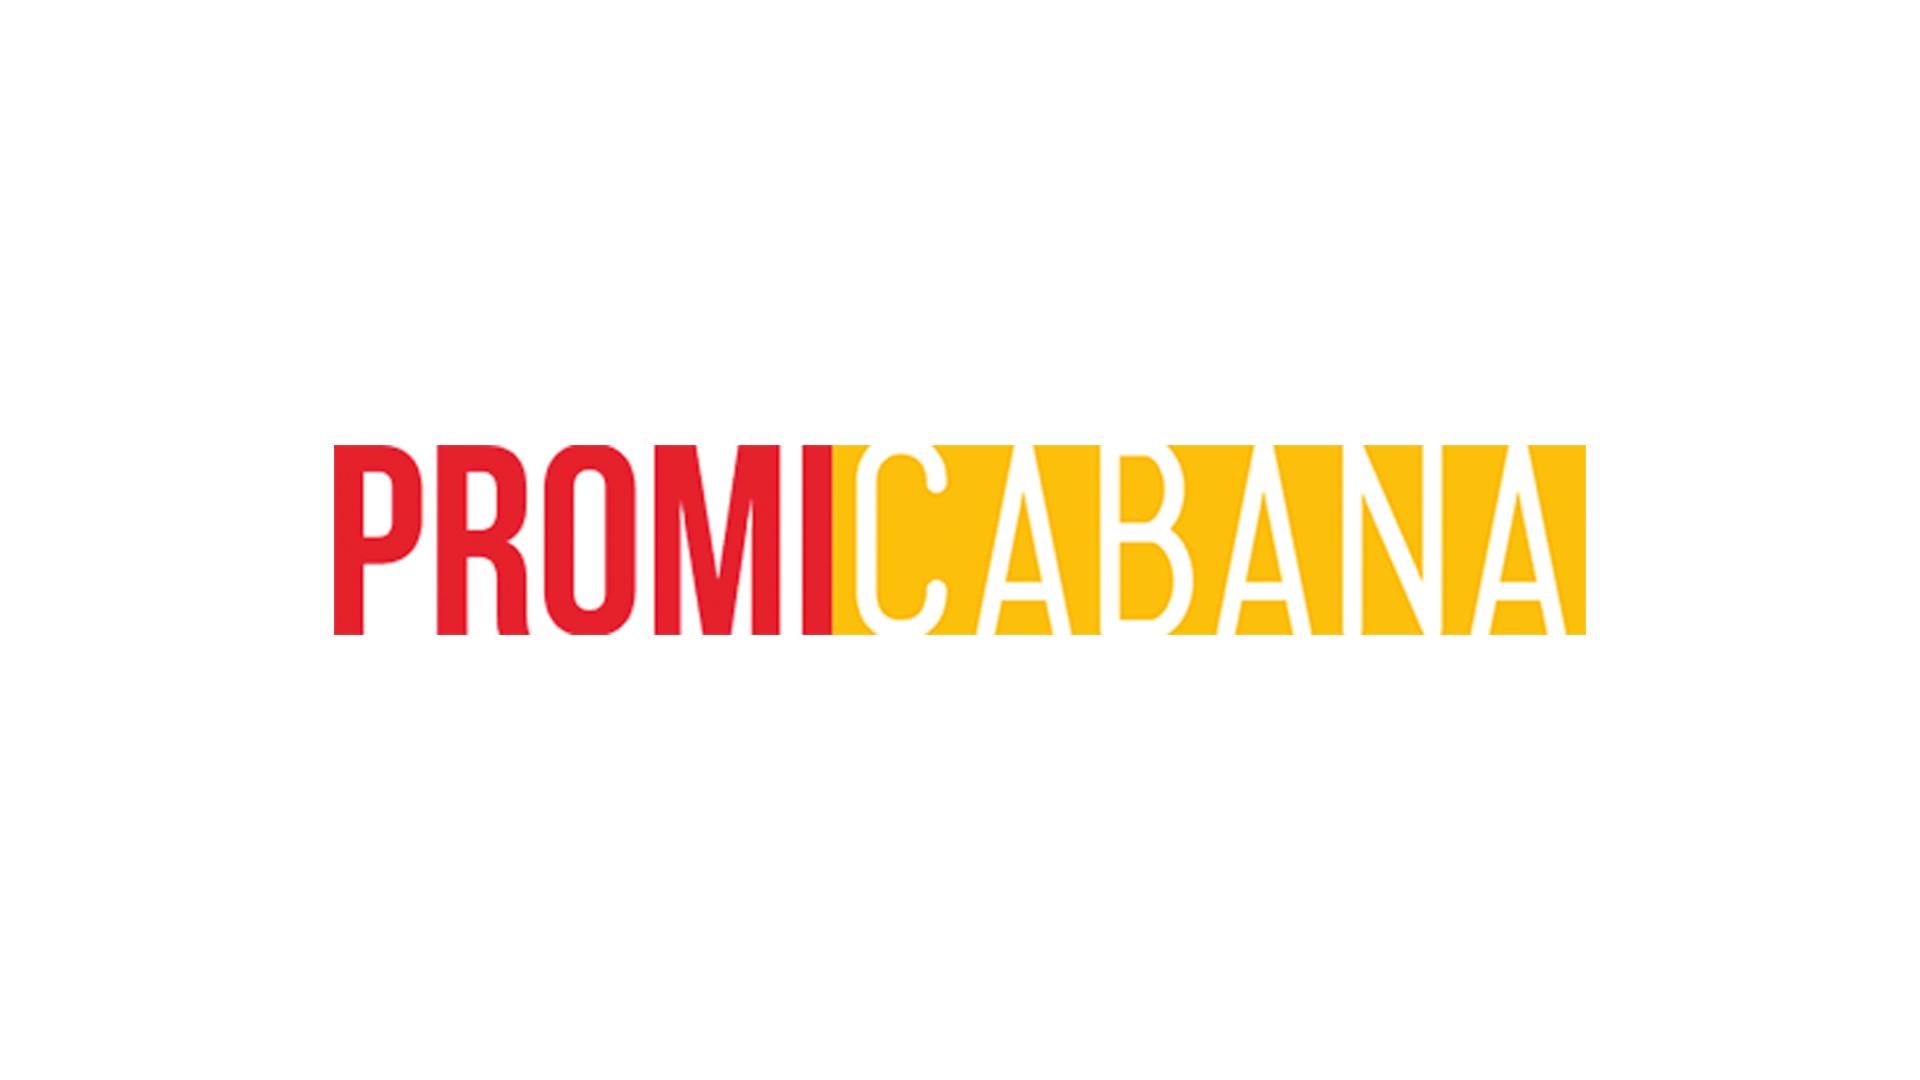 Roseanne-Barr-Jay-Leno-2011